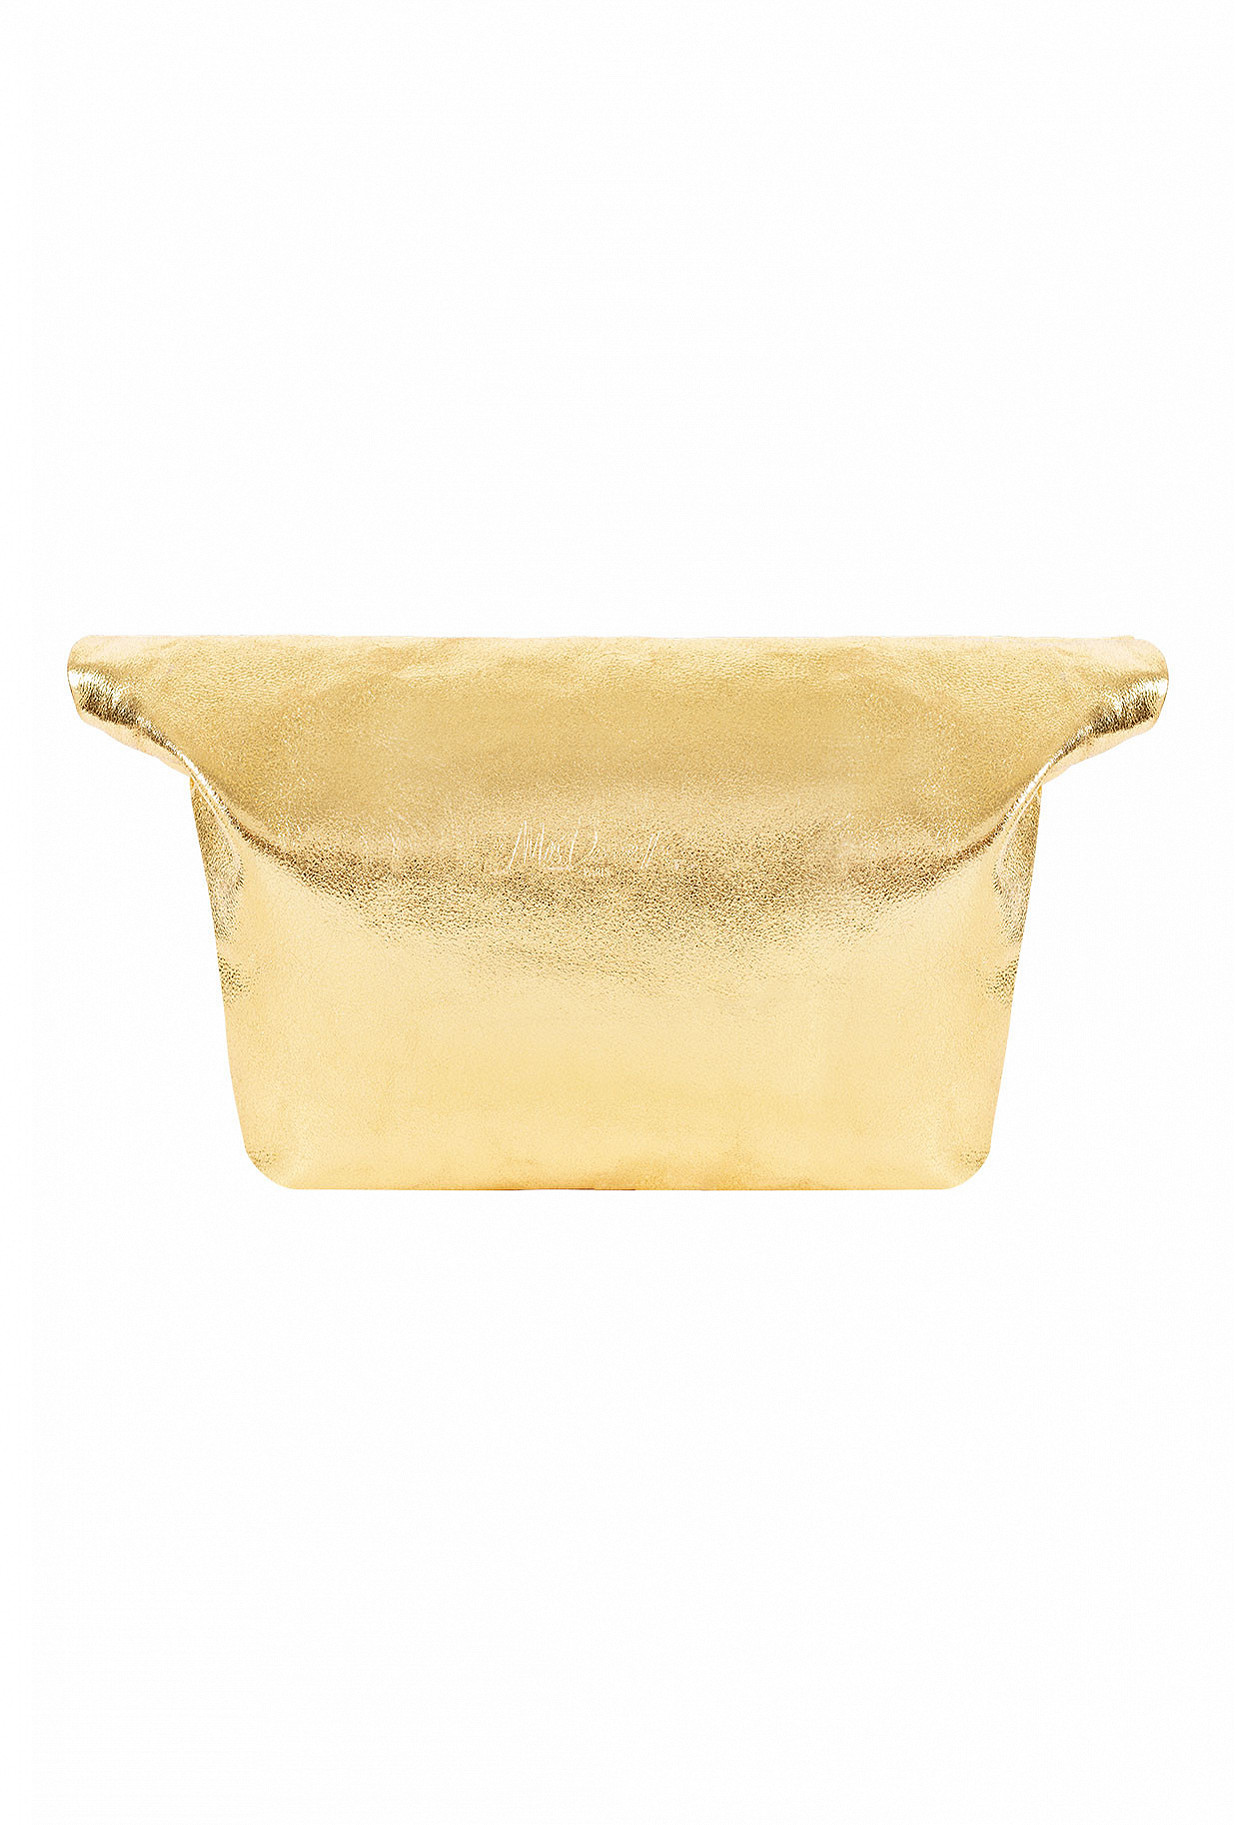 women clothes Pouch  Risky Bag